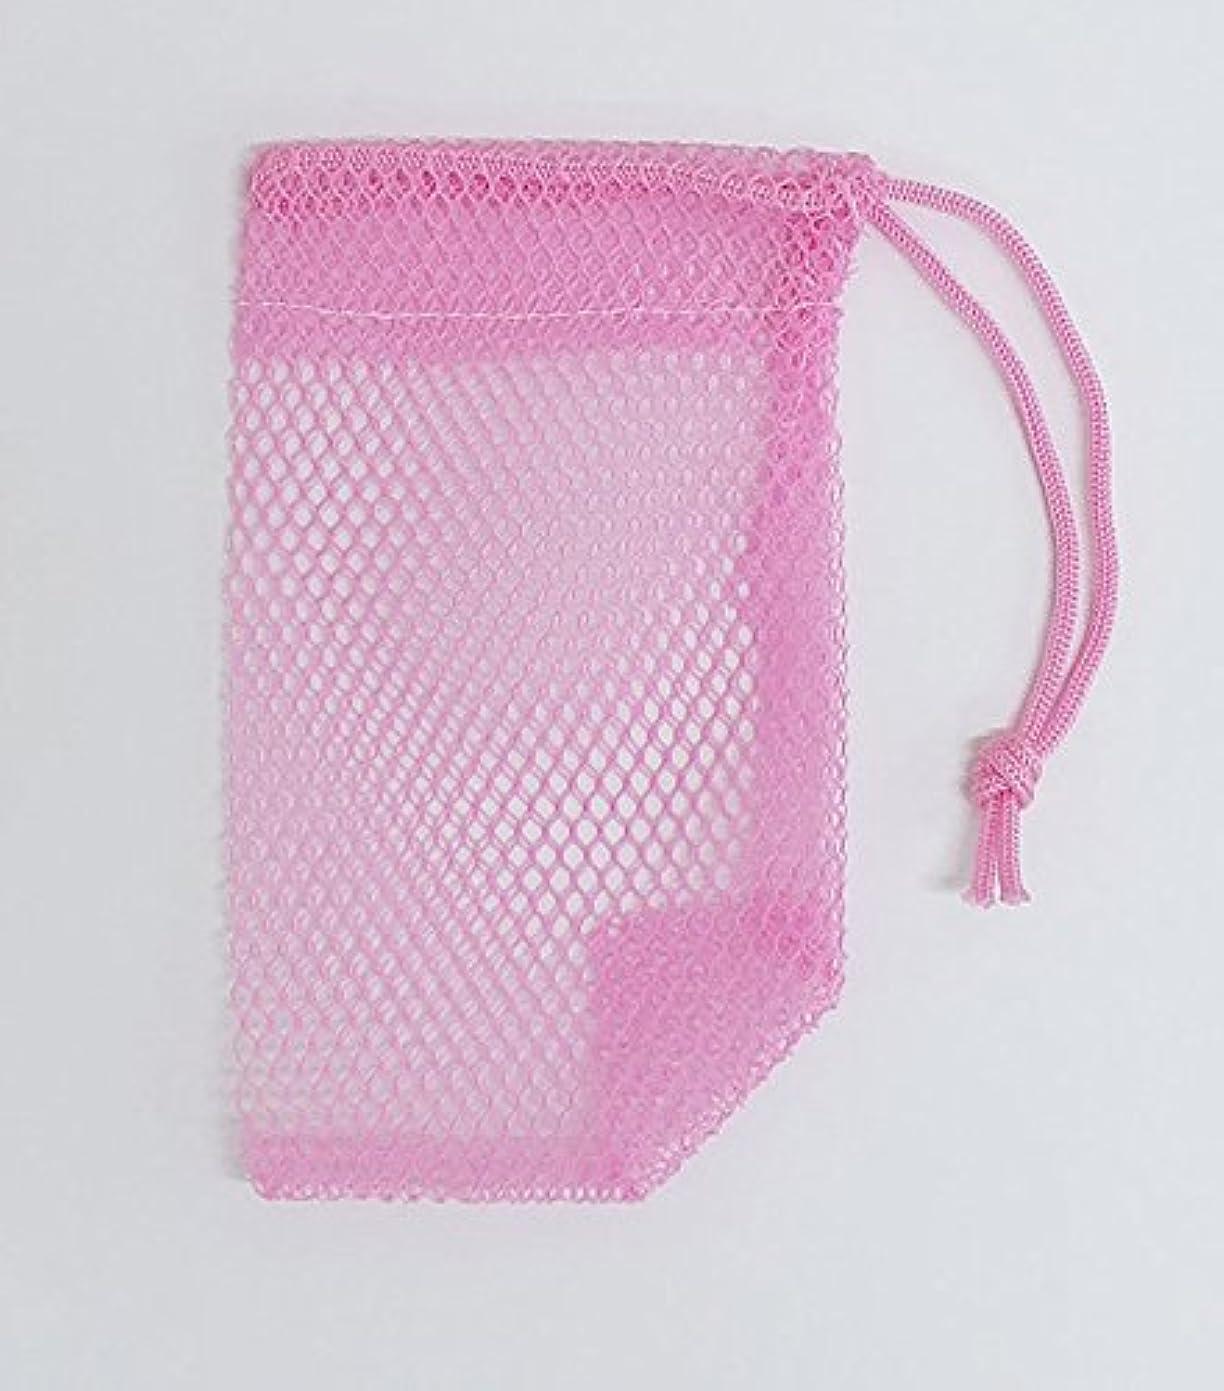 重荷雄弁フラフープ石けんネット ひもタイプ 20枚組  ピンク